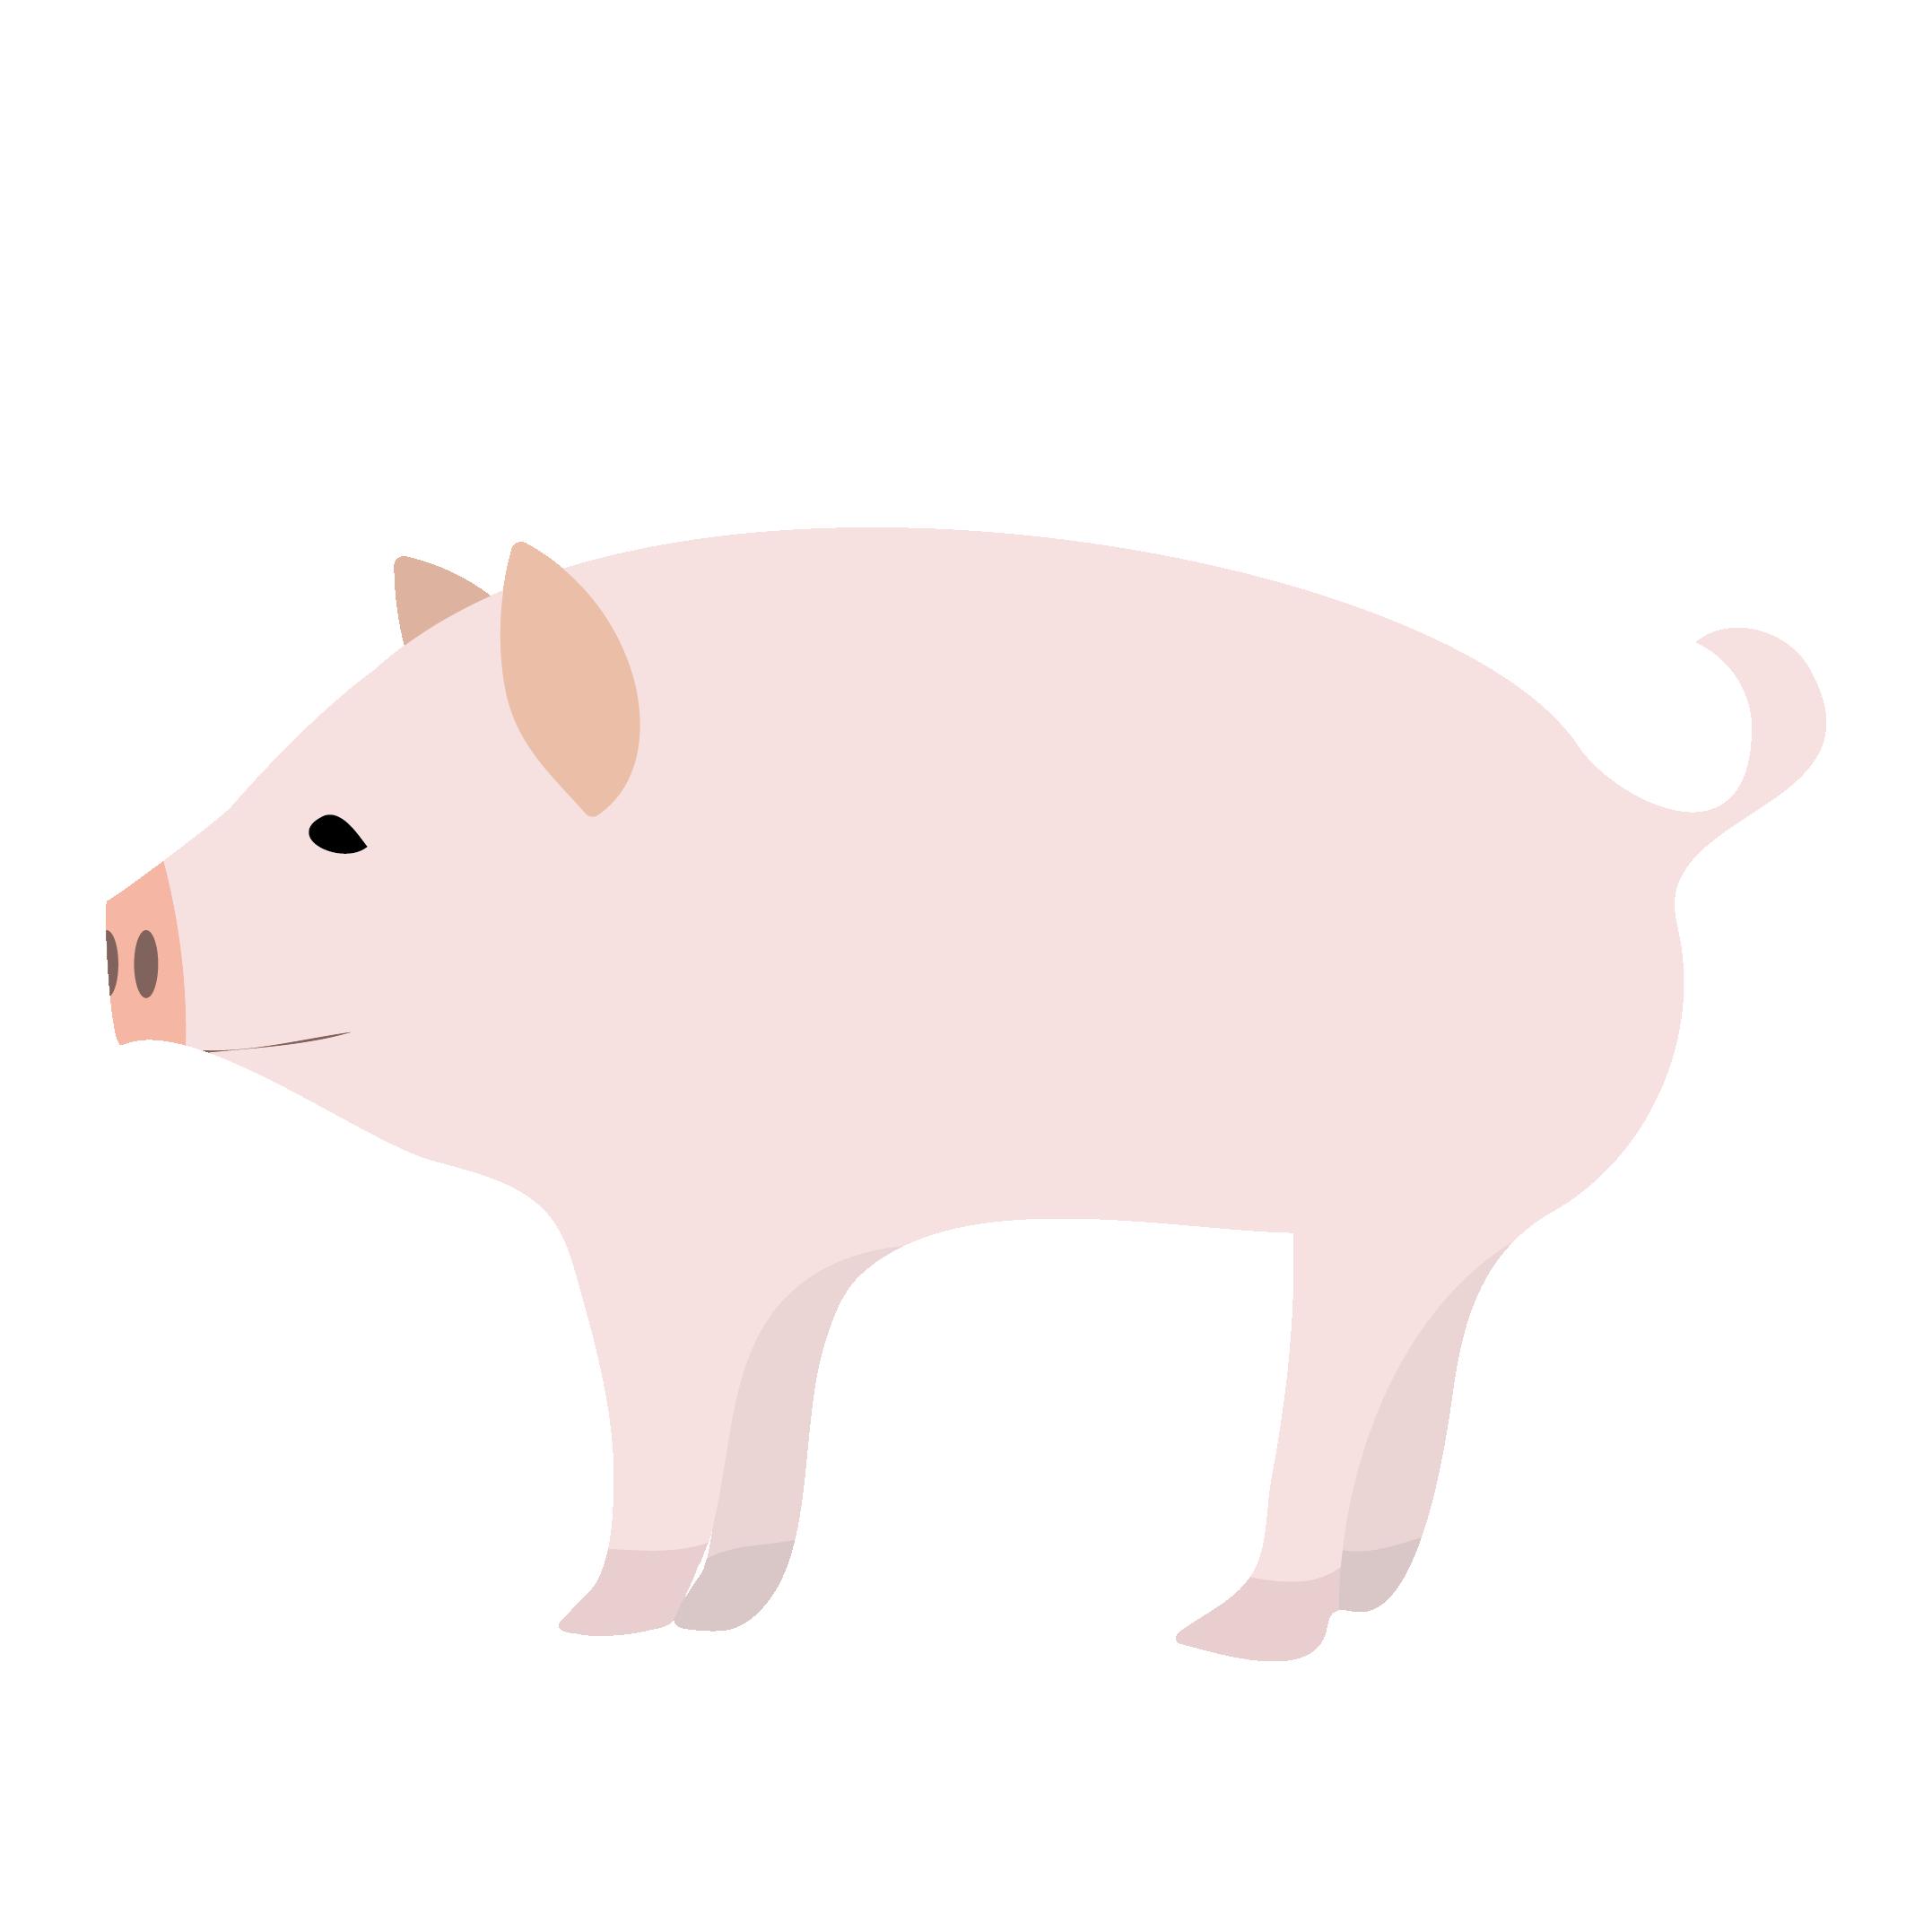 かわいい豚ぶたちゃん イラスト 商用フリー無料のイラスト素材